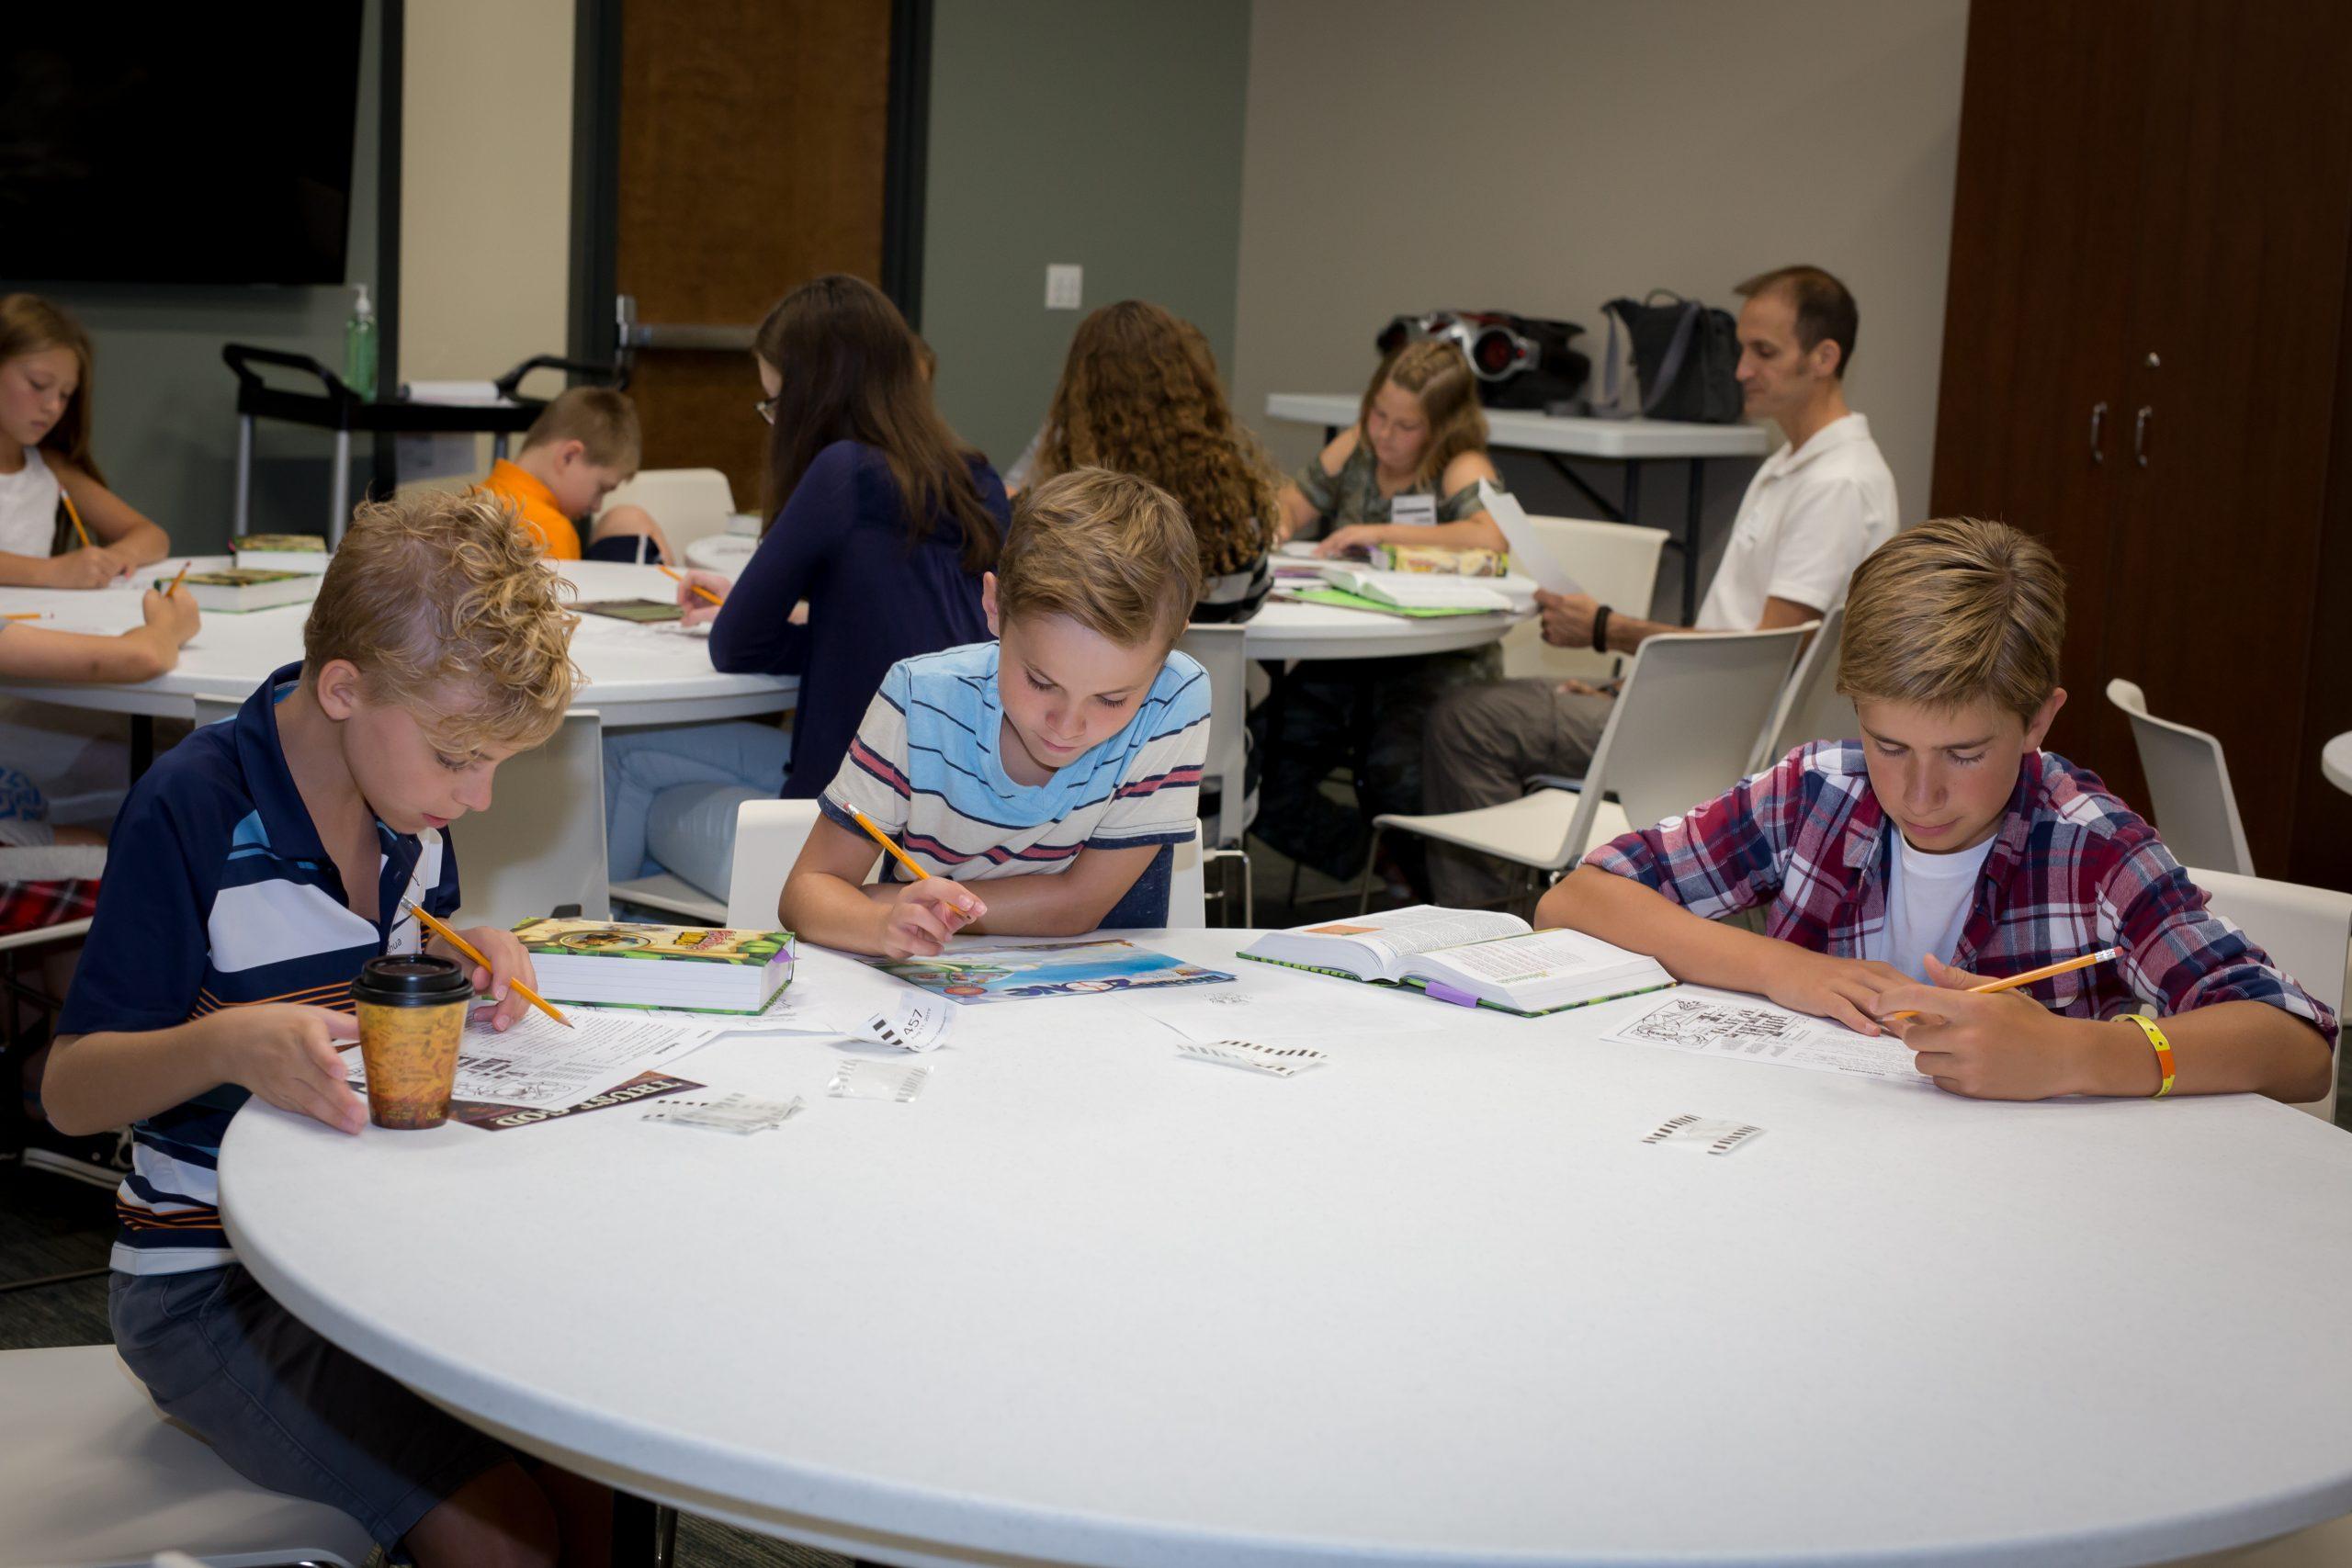 new hope children's ministry